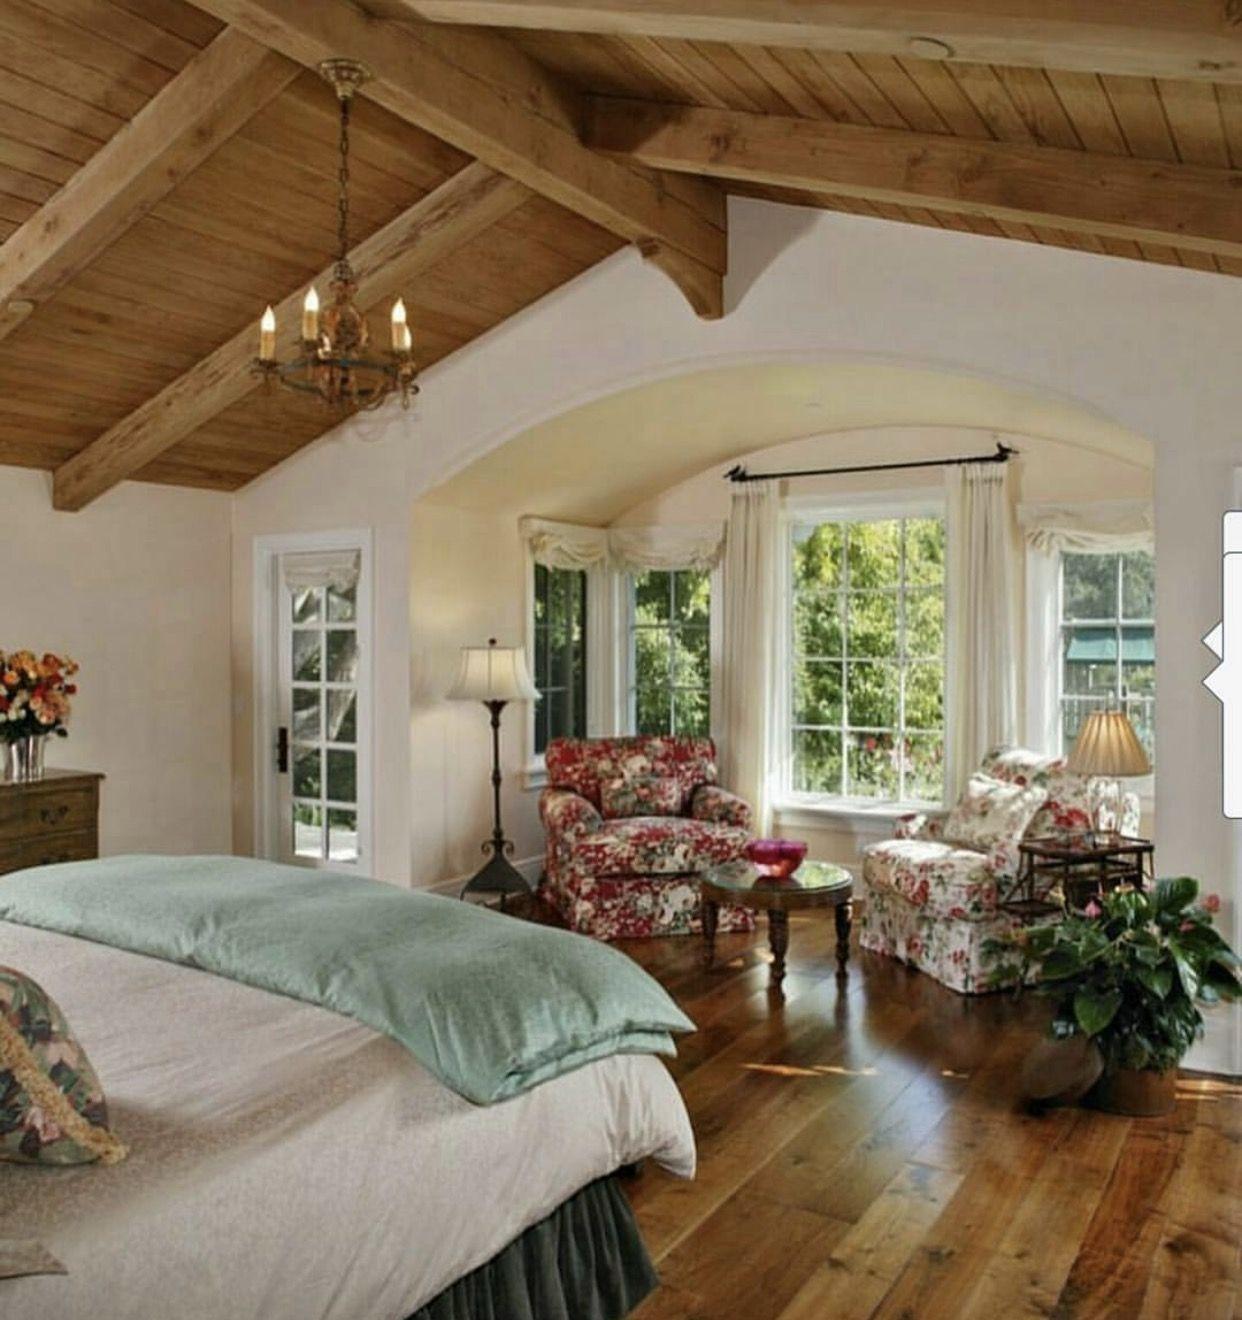 Ceiling K Wohnung Wohnung Design Wohnen